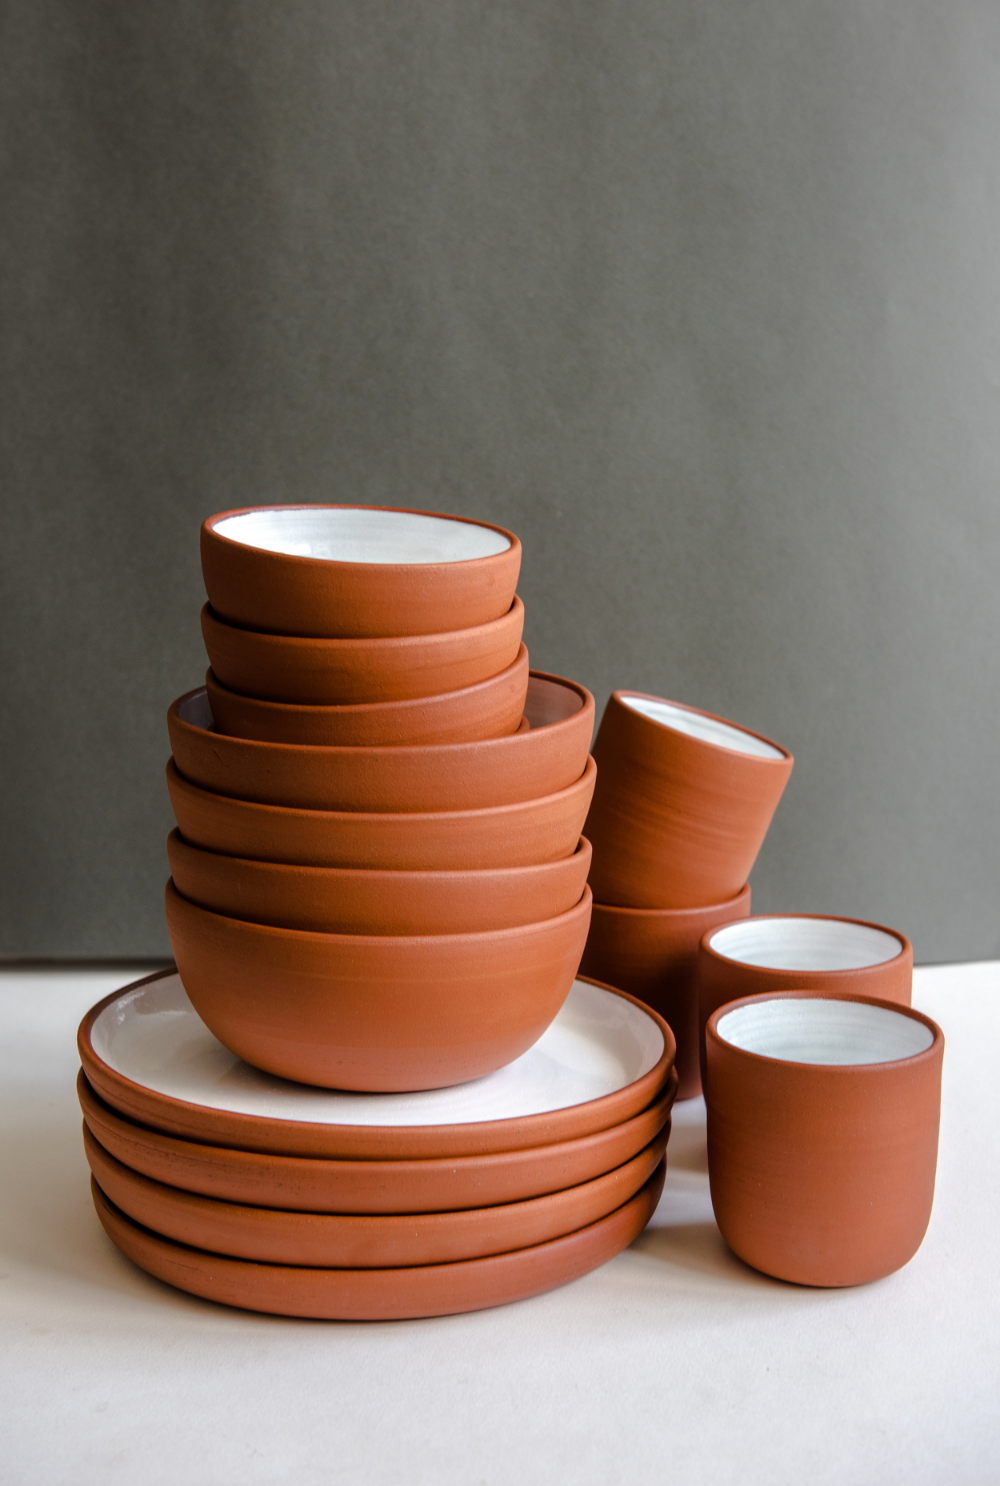 Terracotta Dinner Set In 2020 Handmade Tableware Ceramic Dinnerware Ceramic Dinnerware Set